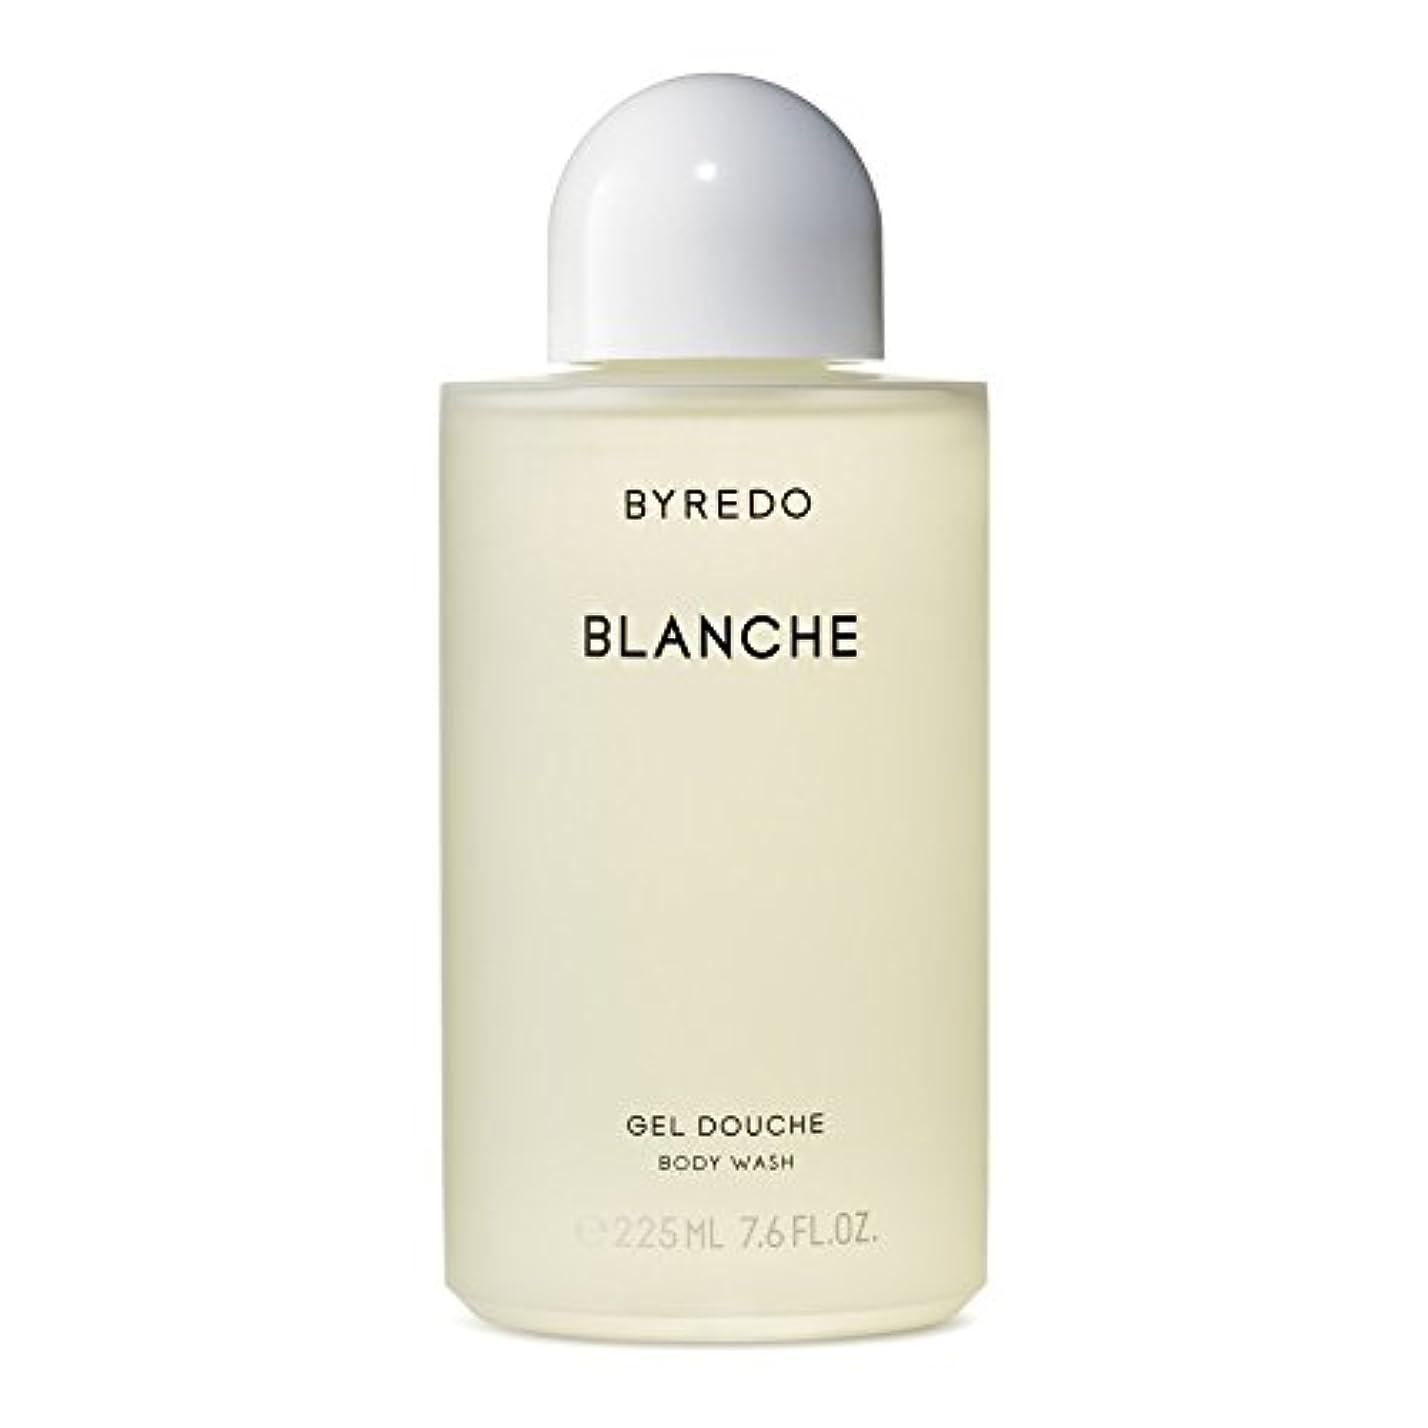 旅客ペンフレンドペンフレンドByredo Blanche Body Wash 225ml - ブランシュボディウォッシュ225ミリリットル [並行輸入品]